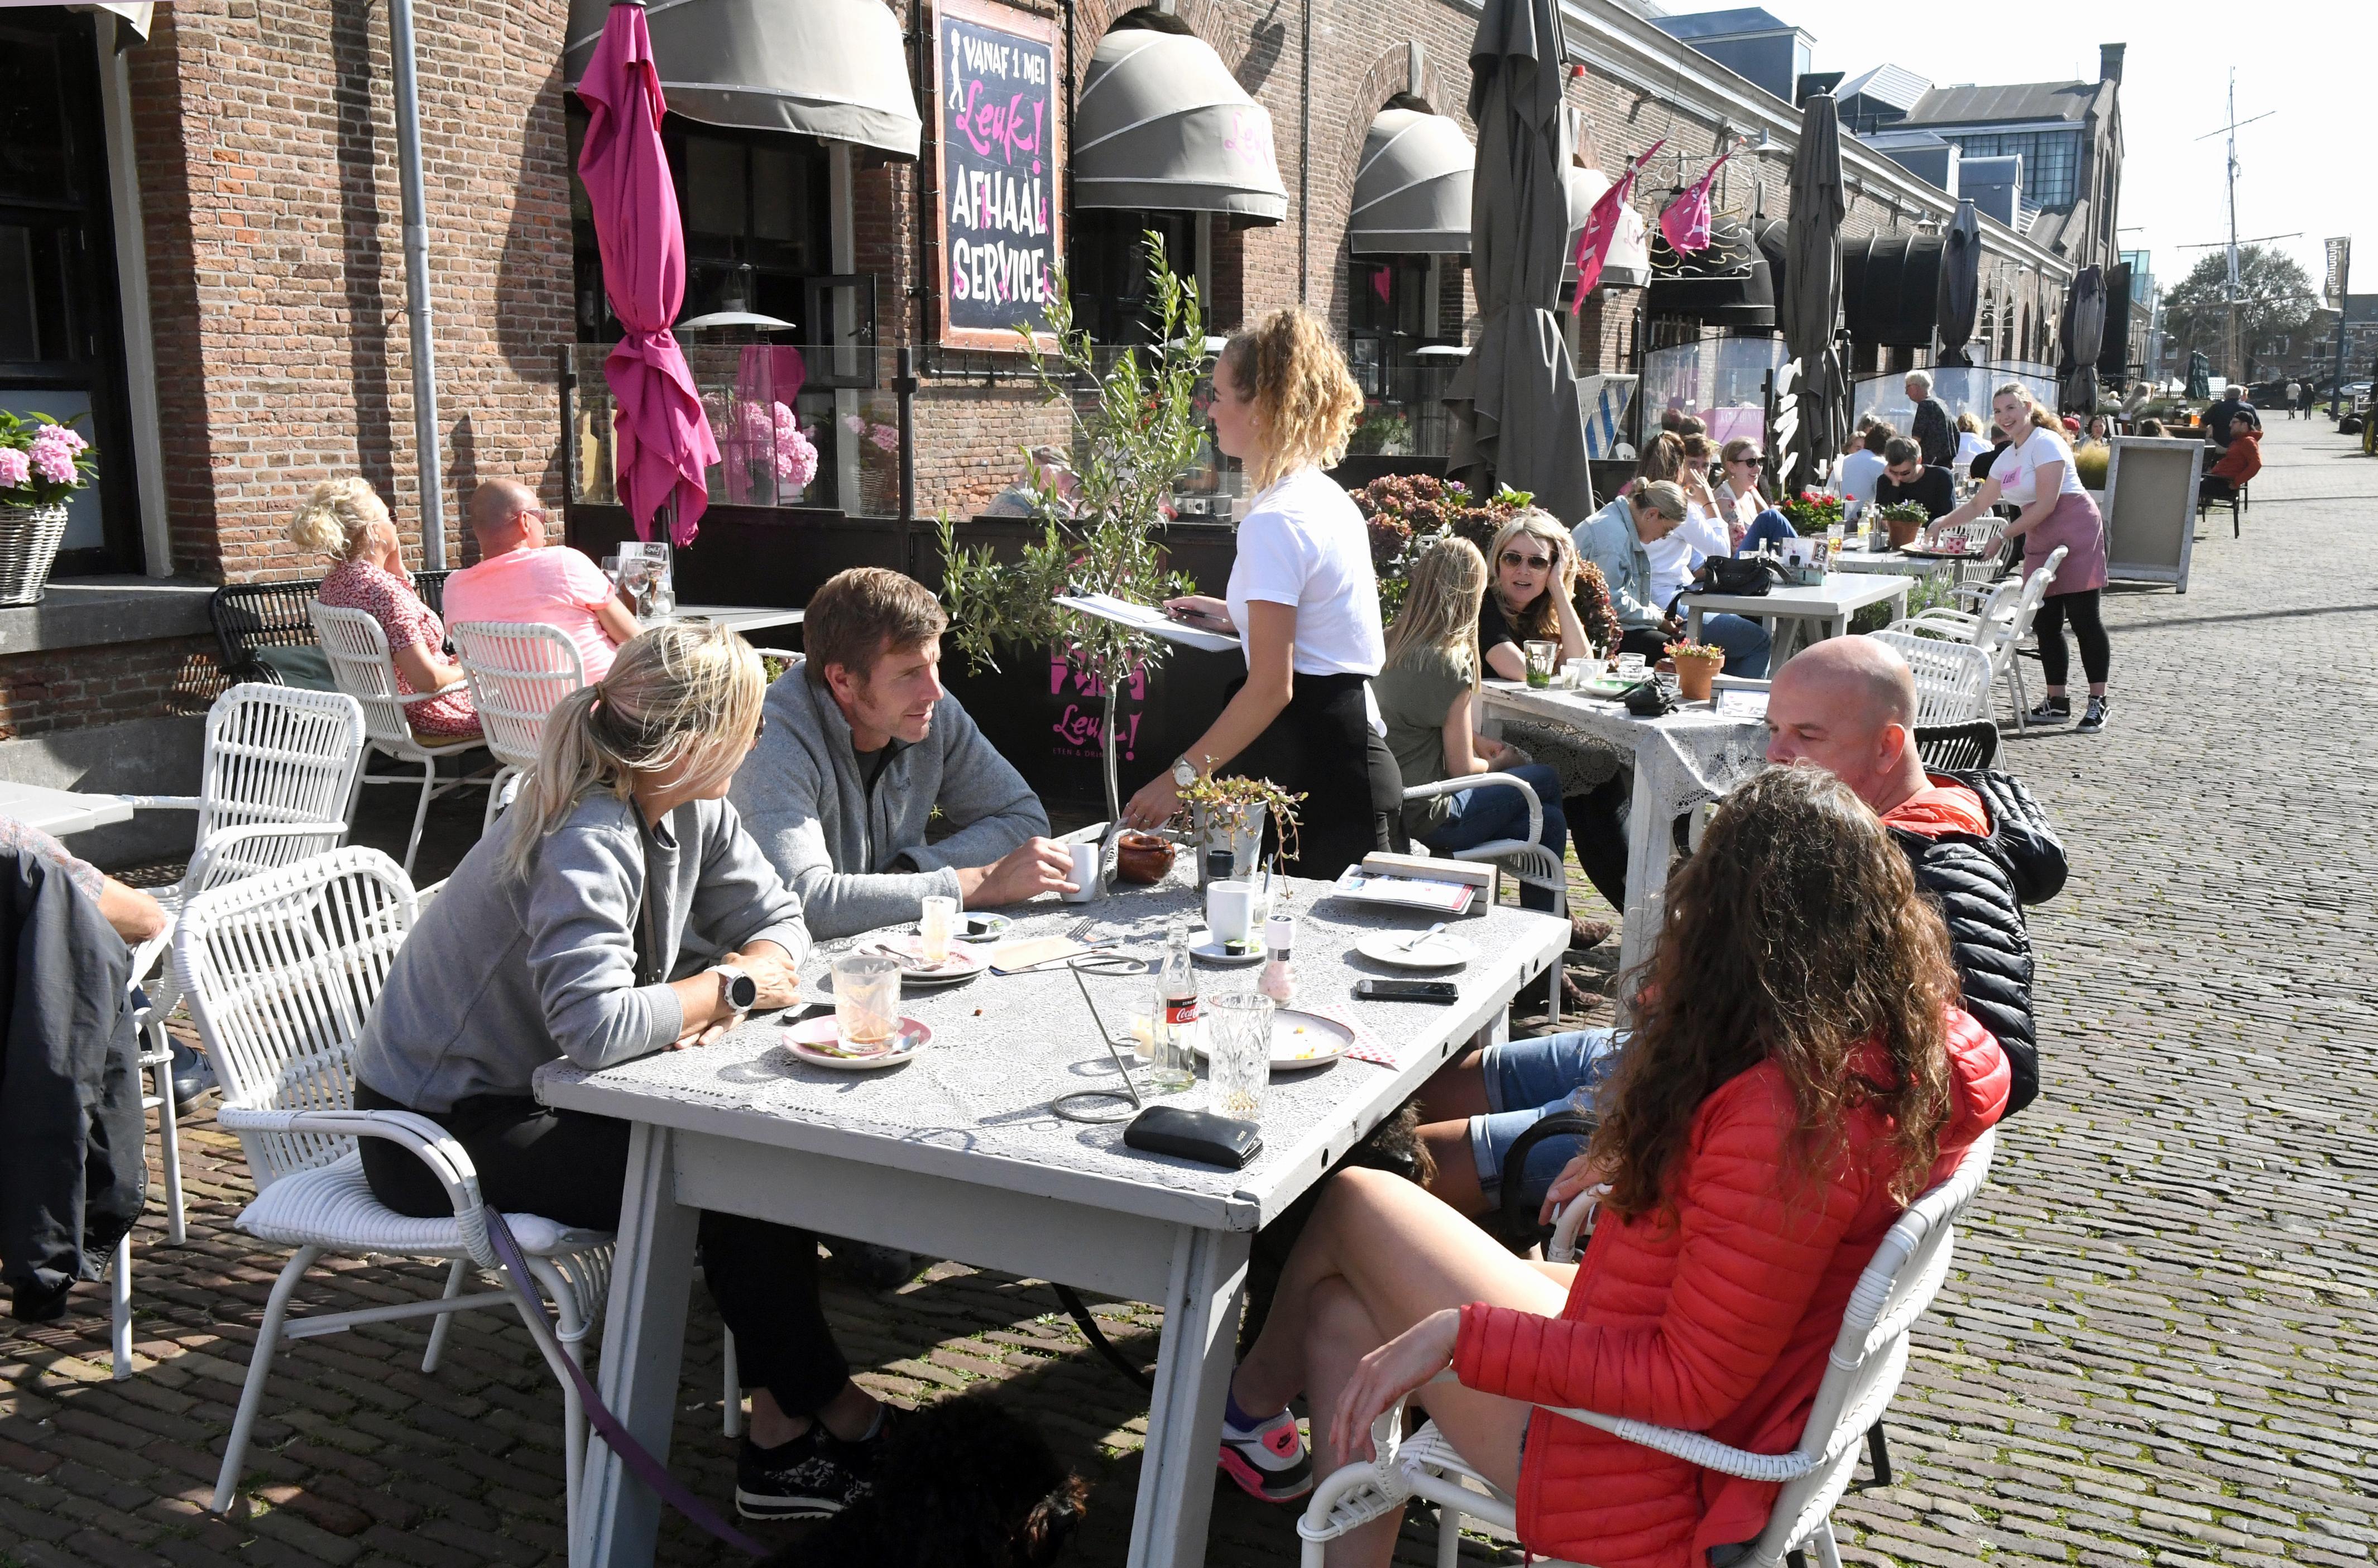 Politiek Den Helder heeft verschillende ideeën voor hulp aan horecabedrijven en andere ondernemers. 'Maar dat het geld beschikbaar is, betekent niet dat het op moet', zegt de wethouder financiën